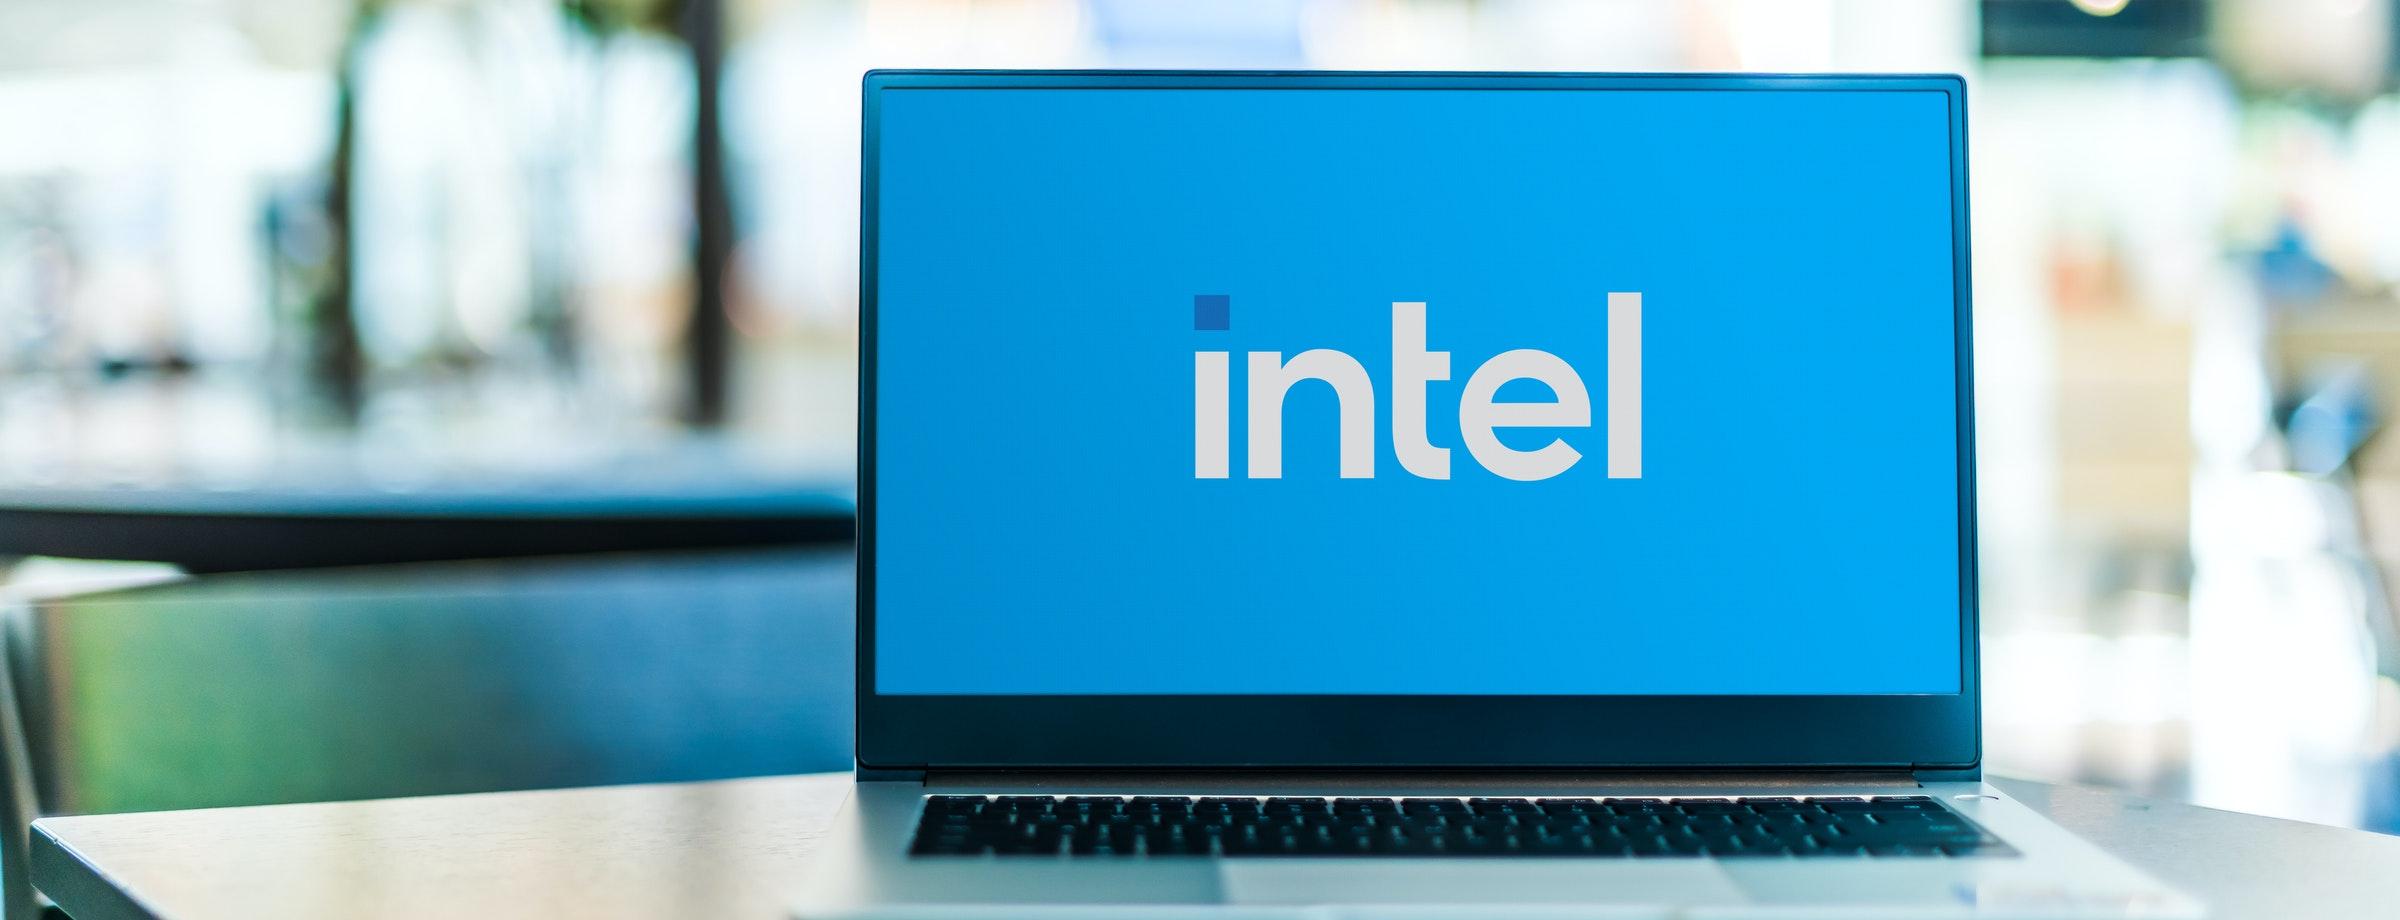 照片中提到了intel、Bel,跟Intellia治療學有關,包含了筆記本電腦、筆記本電腦、電腦、電腦硬件、電腦顯示器